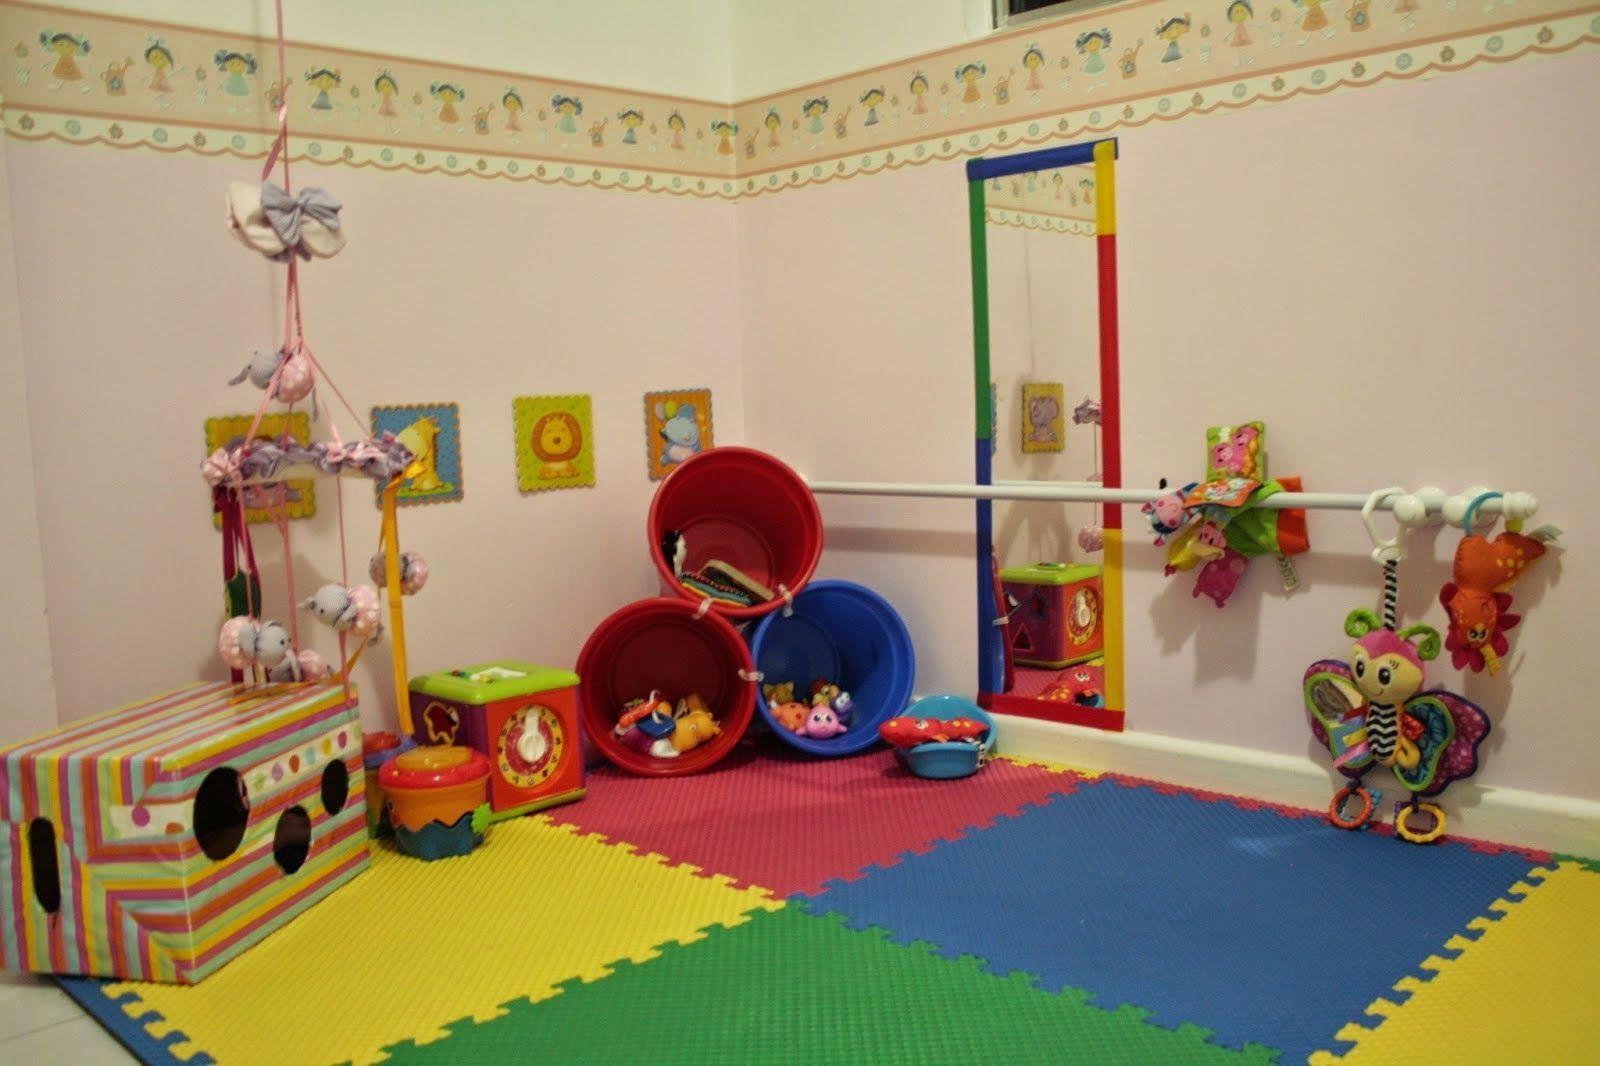 Cameretta montessoriana ~ Cameretta montessoriana letto per bambini usato letto ikea